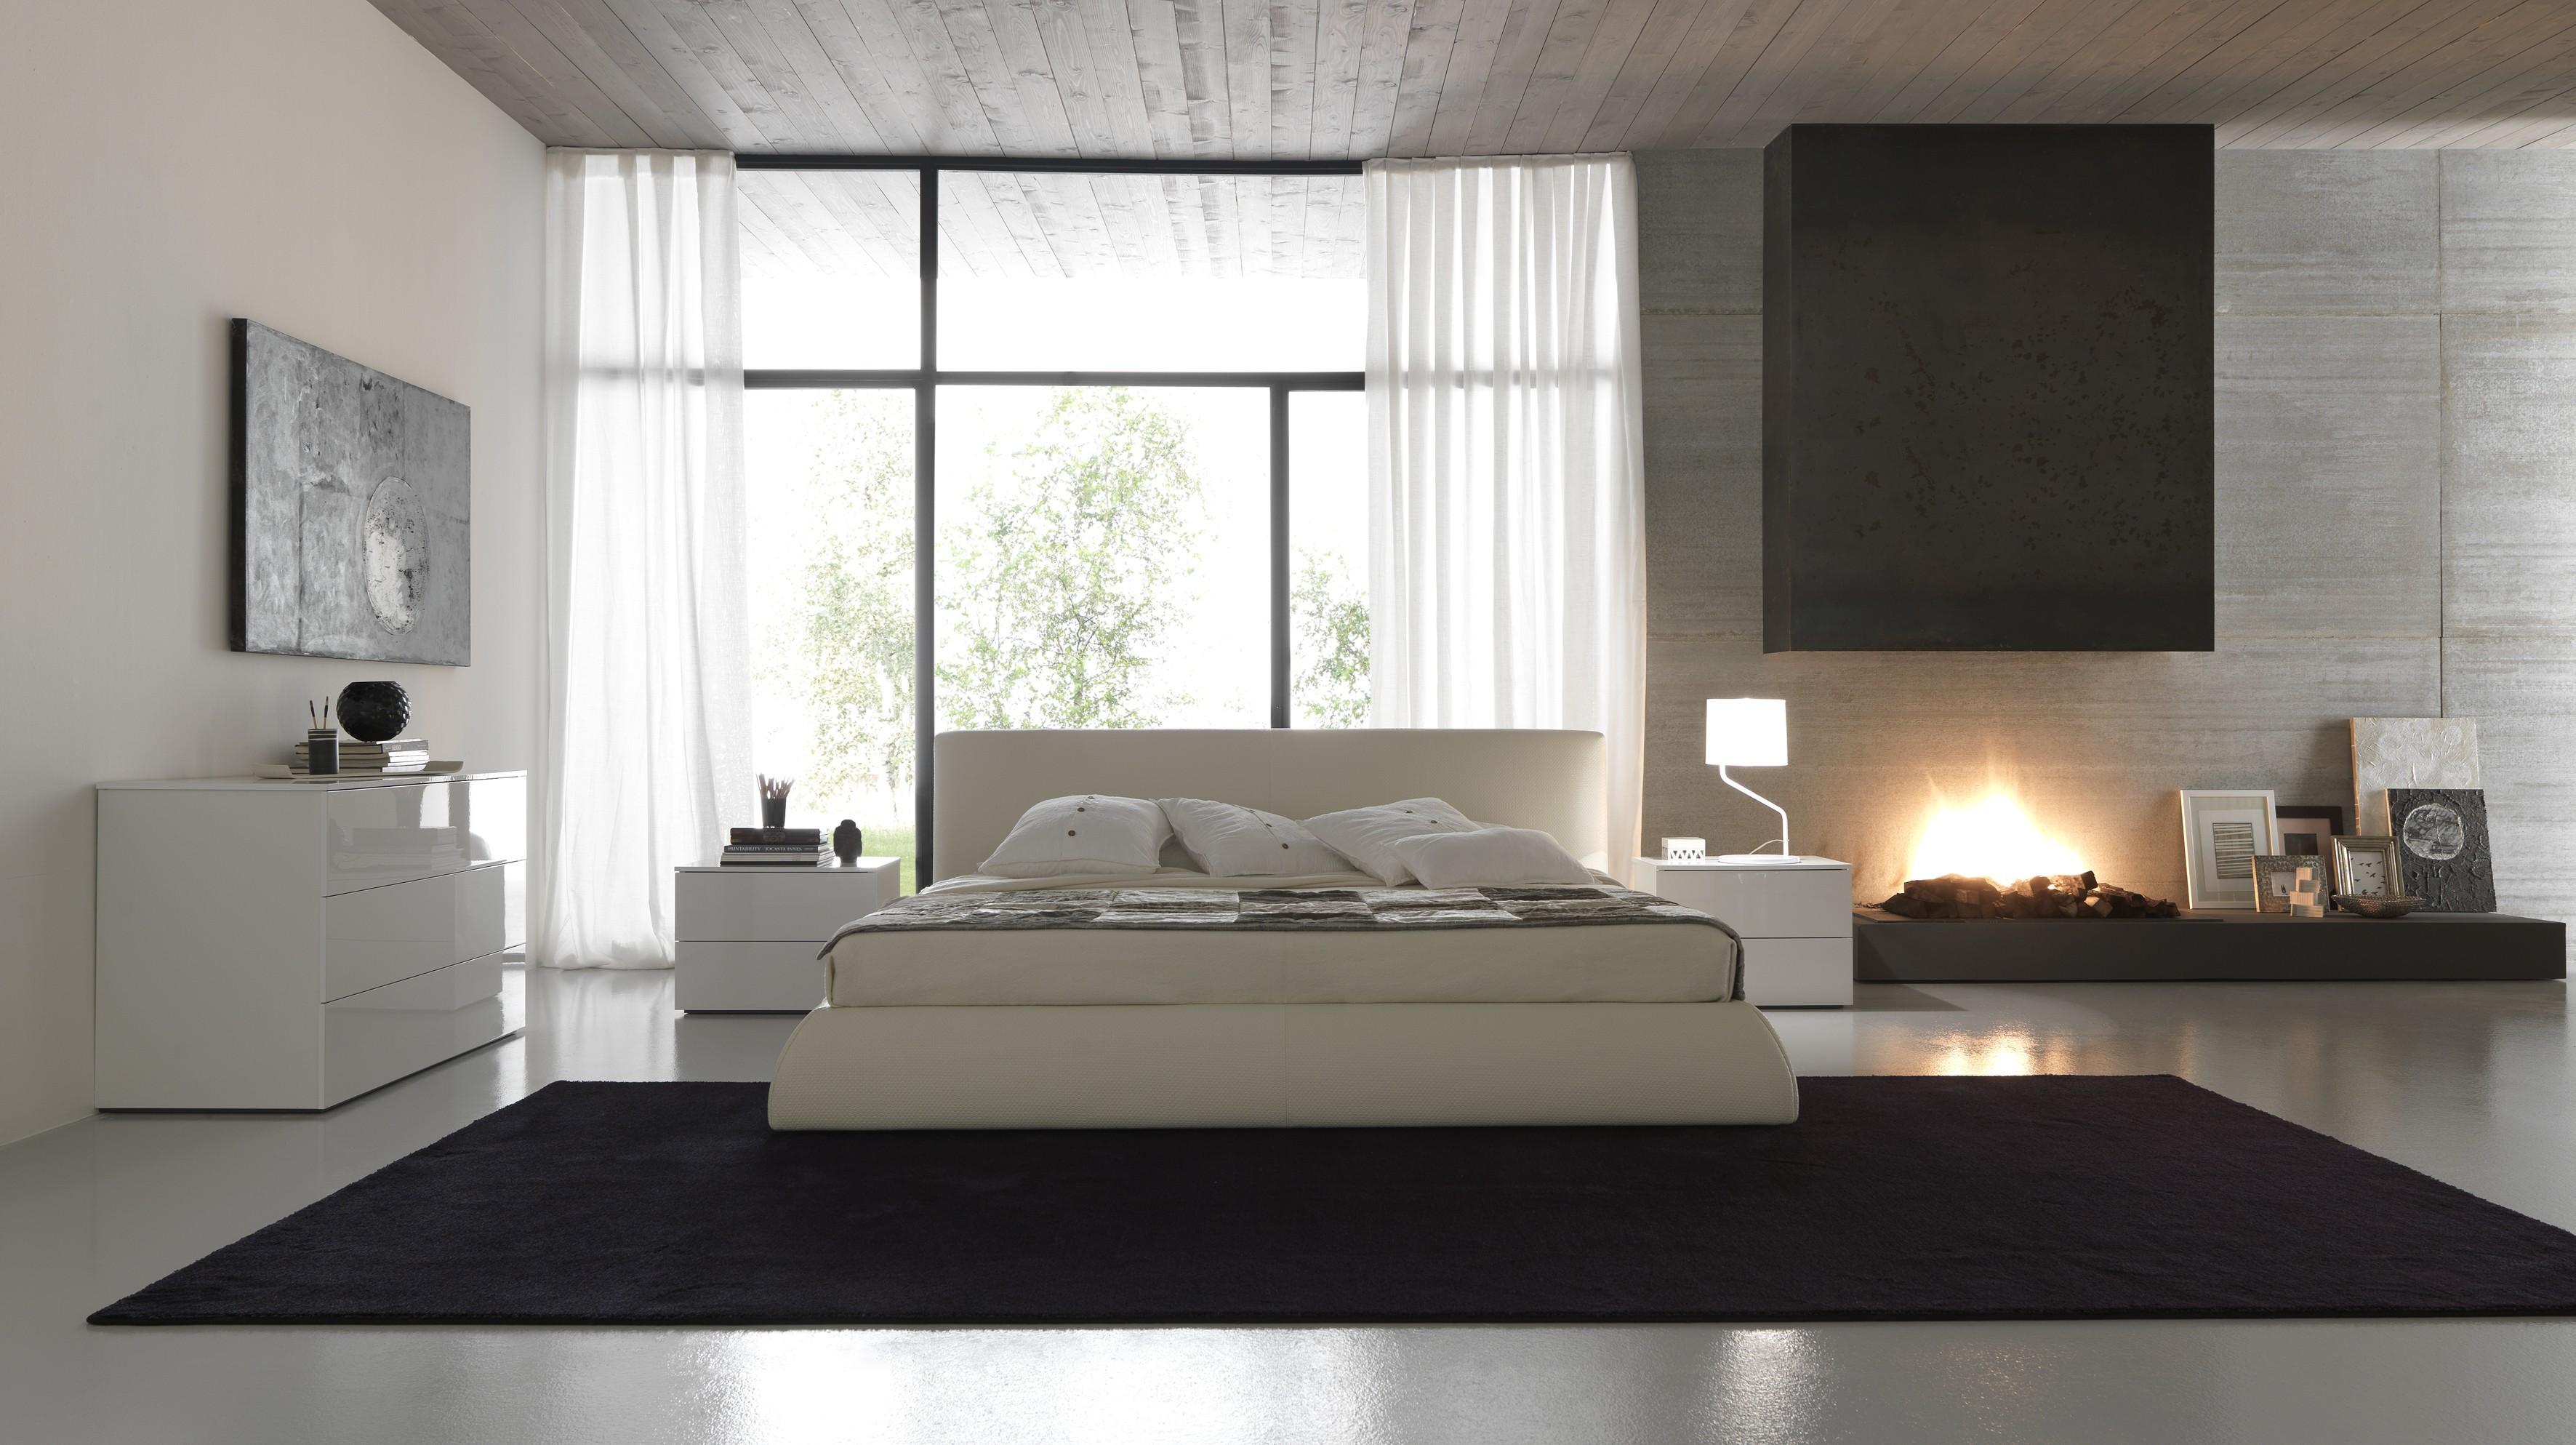 Dop actief magazine dop makelaars voor wonen in binnen en buitenland - Designer huis exterieur ...